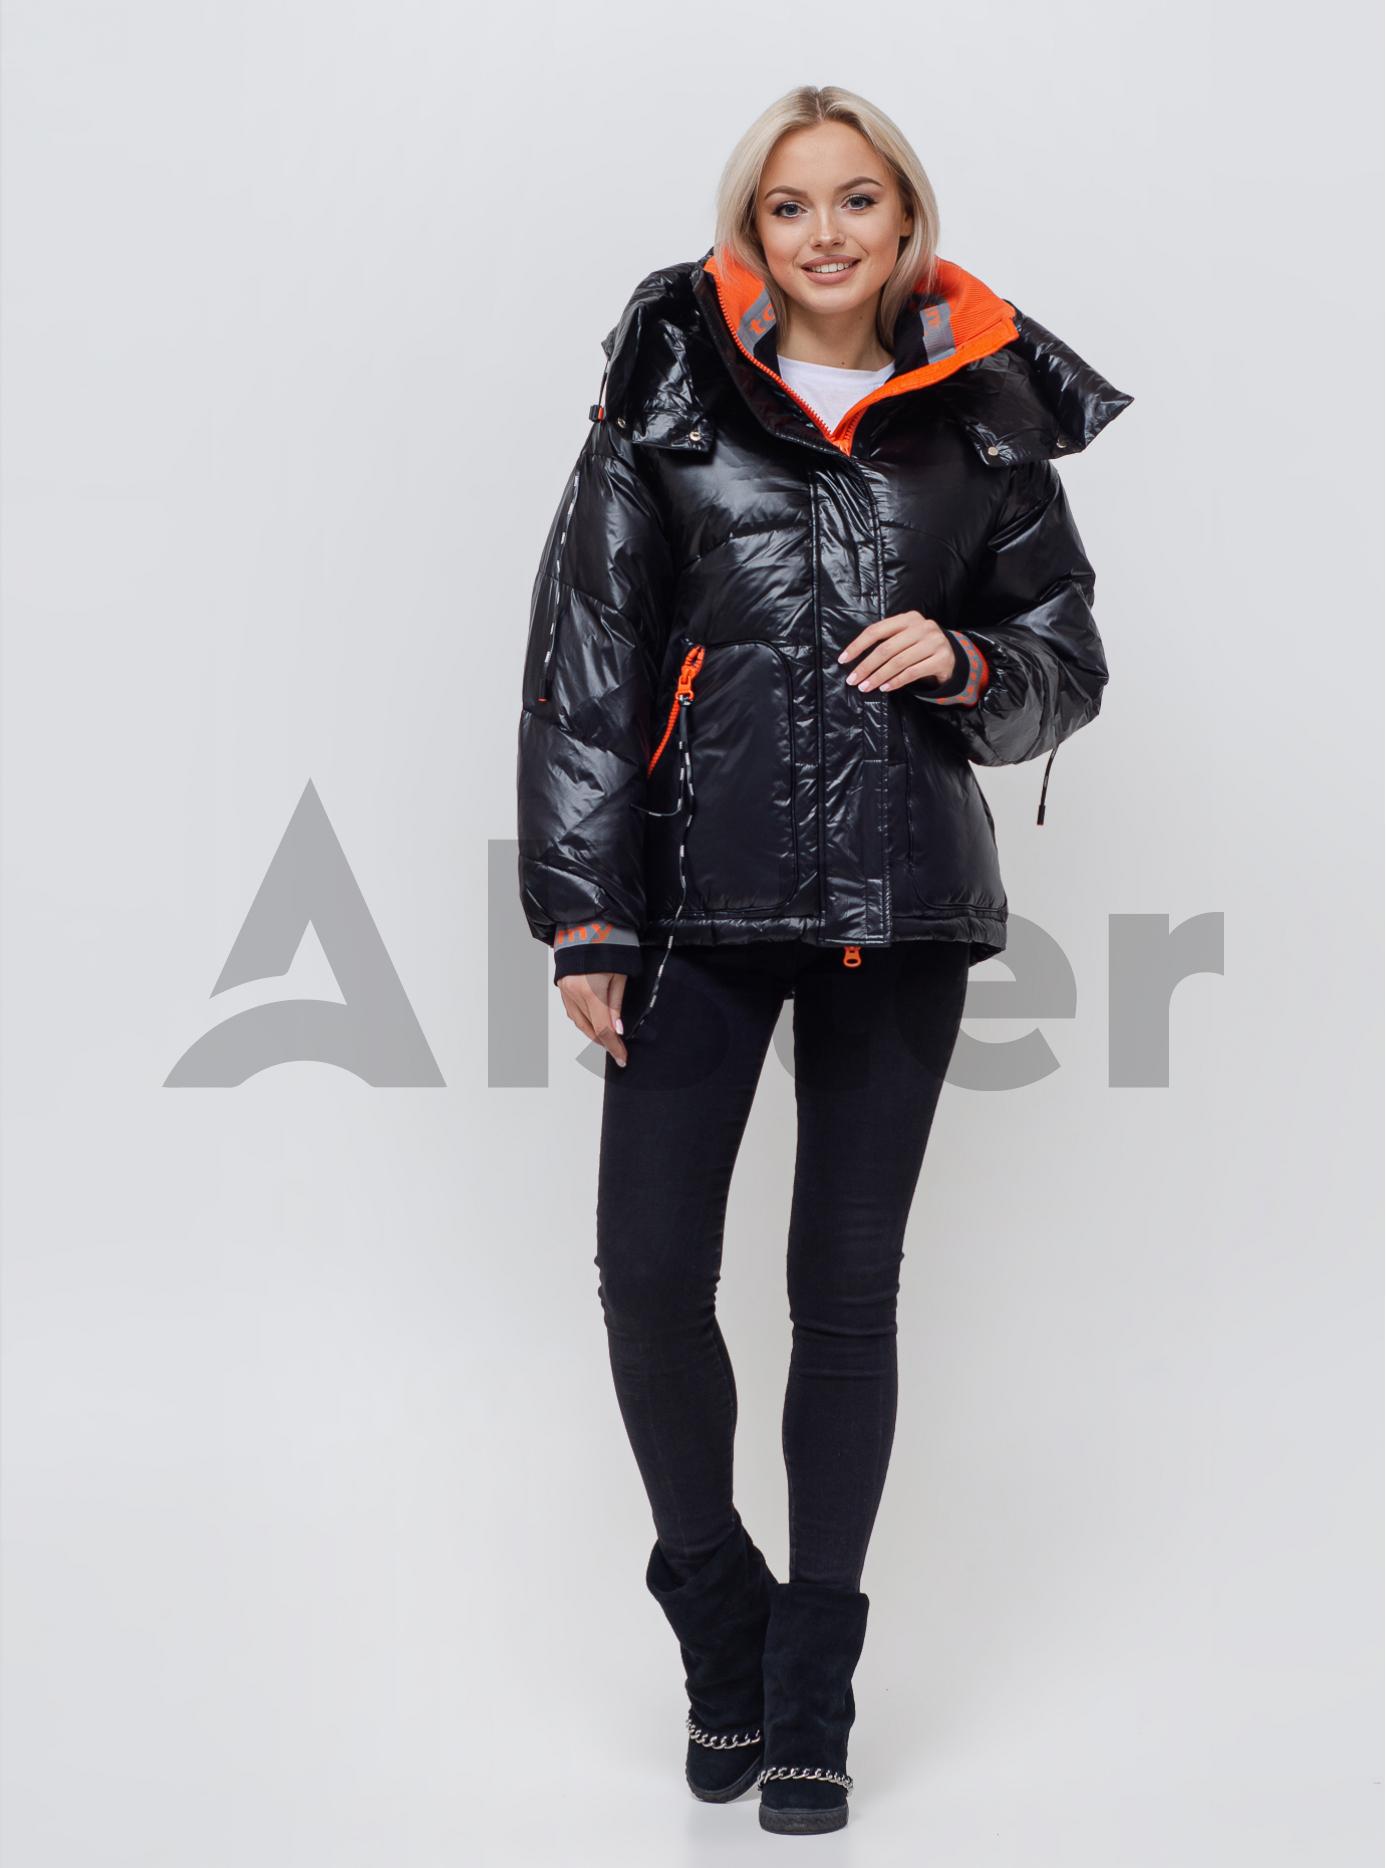 Куртка женская зимняя средней длины Чёрный S (05-SV201044): фото - Alster.ua